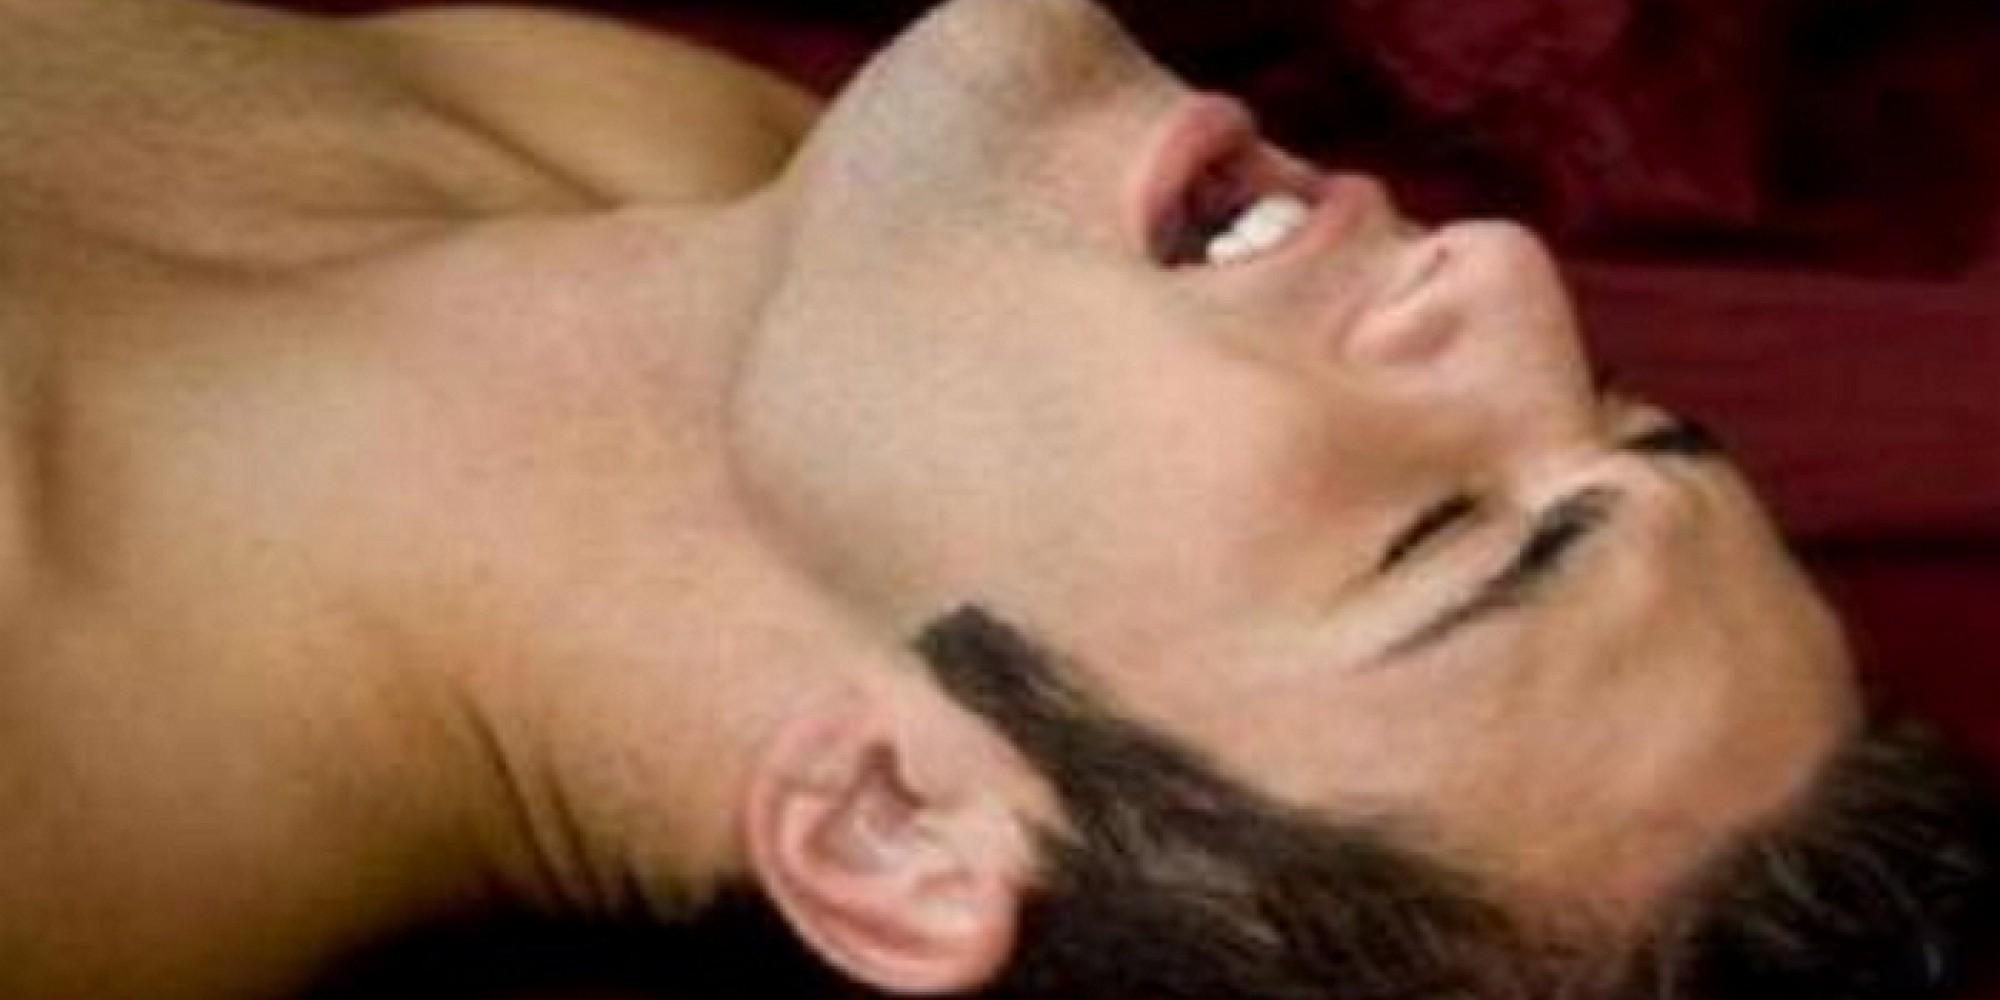 Струйные оргазмы лесбианок, Молодые лесбиянки струйный оргазм (видео) 21 фотография